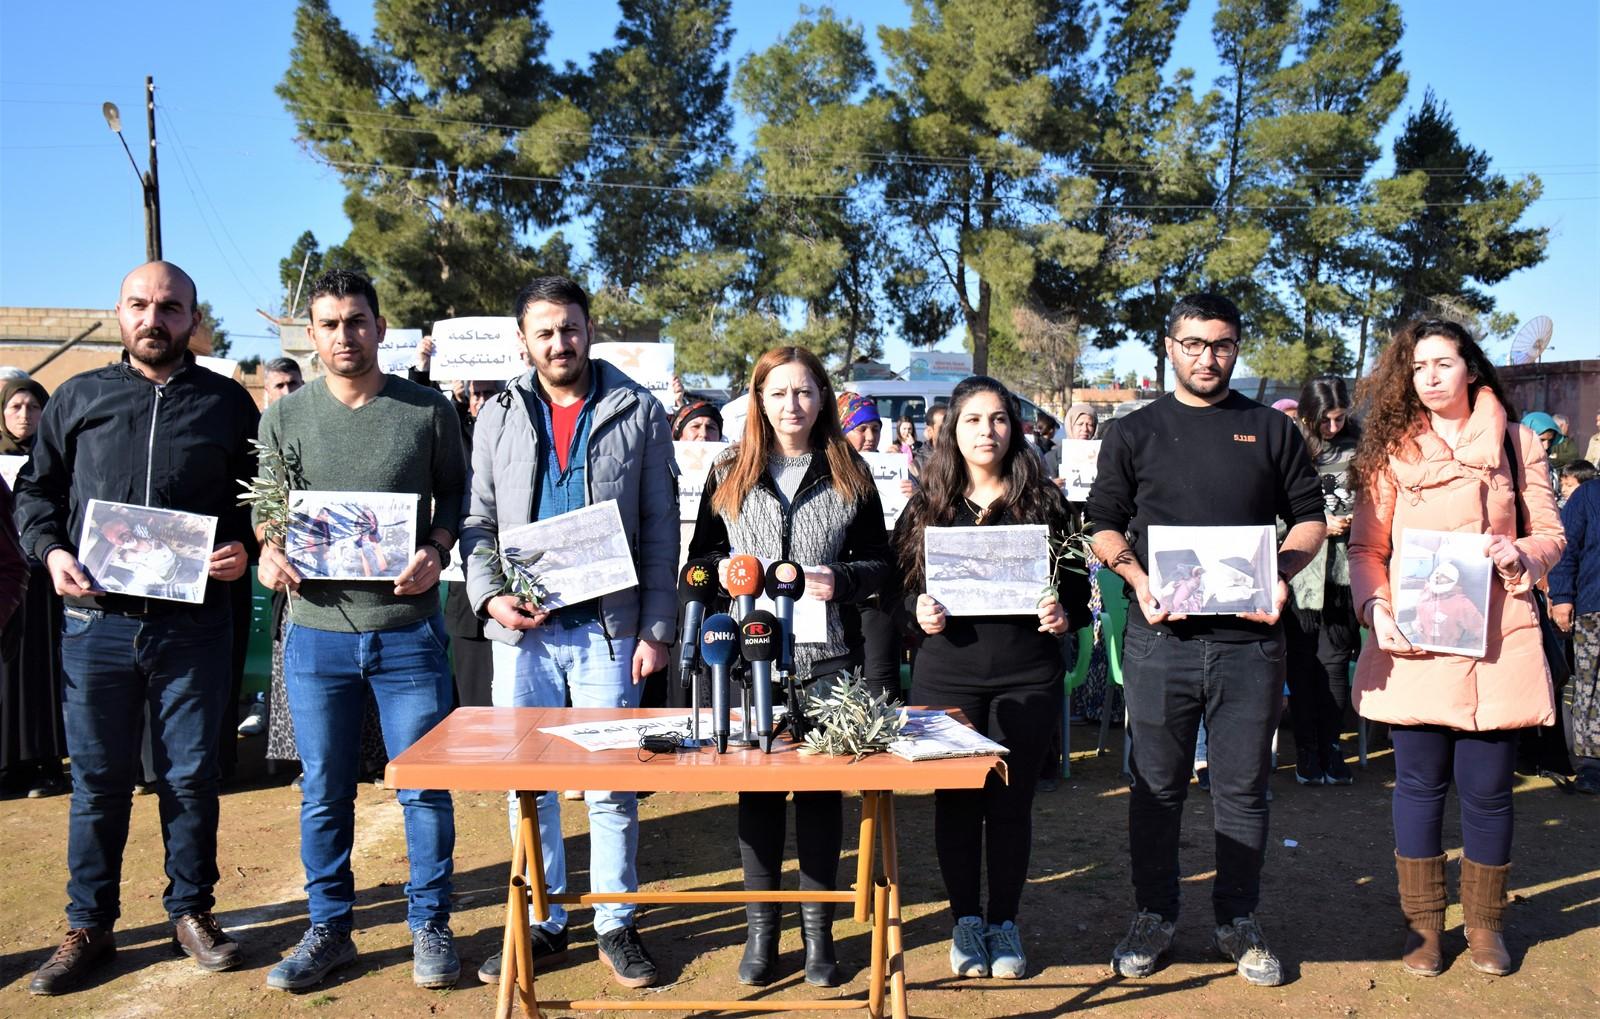 في ذكرى شن الهجمات تقديم مطالب لتقصي الحقائق وفضح الانتهاكات